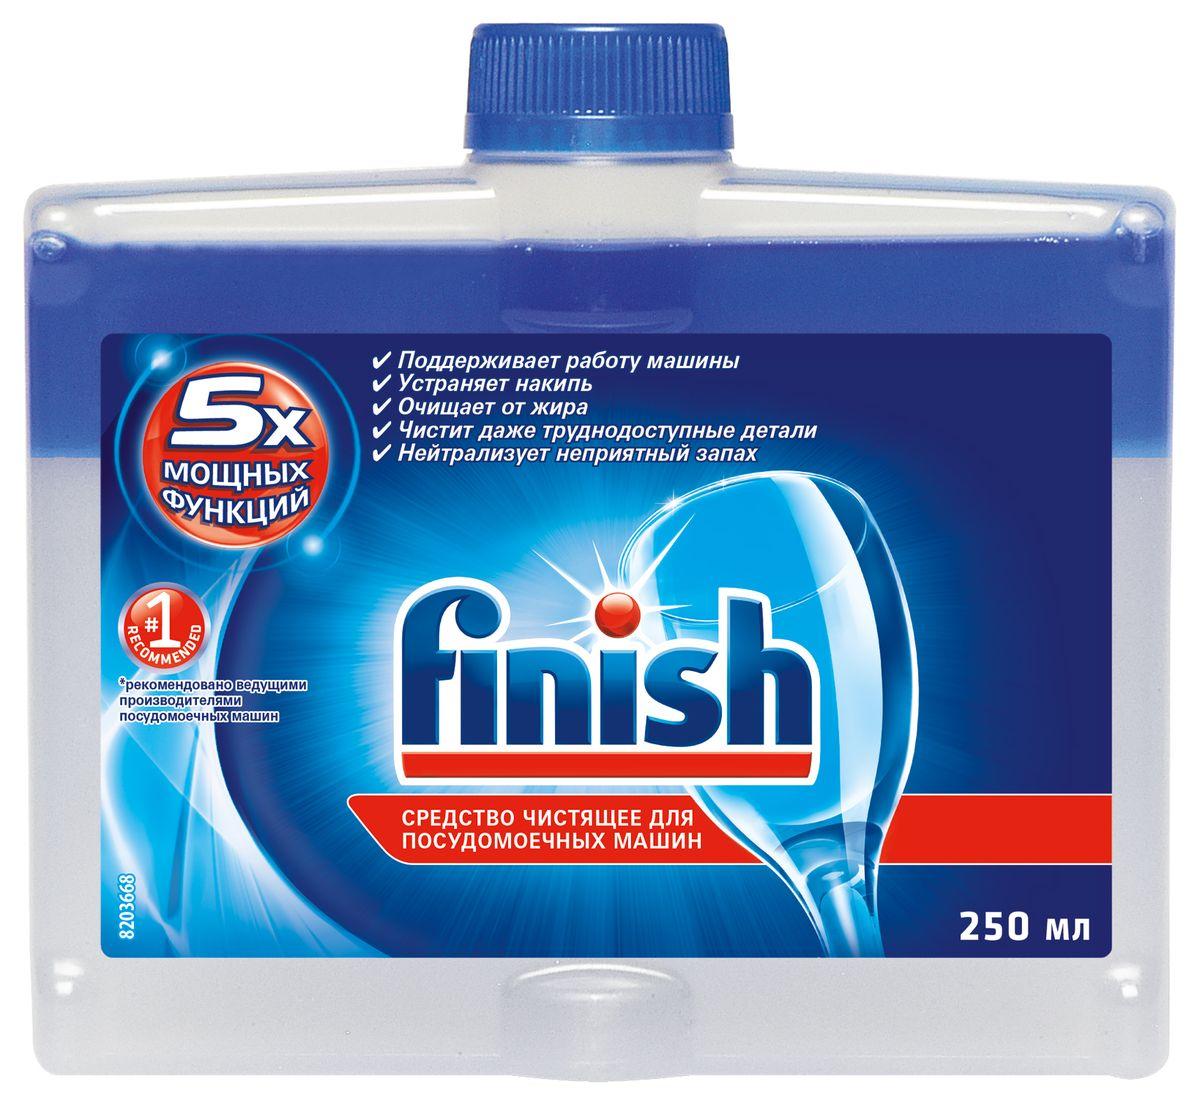 Finish Очиститель для ПММ, 250 мл7502601Очиститель для посудомоечных машин Finish удаляет жир и известковый налет в посудомоечной машине, и ваша посуда буквально сияет чистотой. Поддержание работы посудомоечной машины: - устранение накипи; - очищение от жира; - очищение труднодоступных деталей посудомоечной машины; - нейтрализация неприятного запаха. Очиститель для посудомоечных машин Finish удаляет жир и известковый налет в посудомоечной машине и ваша посуда буквально сияет чистотой. Жир и известковый налет скапливаются на поверхности важнейших внутренних деталей посудомоечной машины, что оказывает влияние на качество мытья посуды. Очиститель Finish удаляет жир и известковый налет: благодаря ему ваша посудомоечная машина всегда идеально чистая и благоухает свежестью! Чистая посудомоечная машина - чистая посуда! Состав: 5% или более, но менее 15% неионные ПАВ, ароматизатор. Товар сертифицирован.